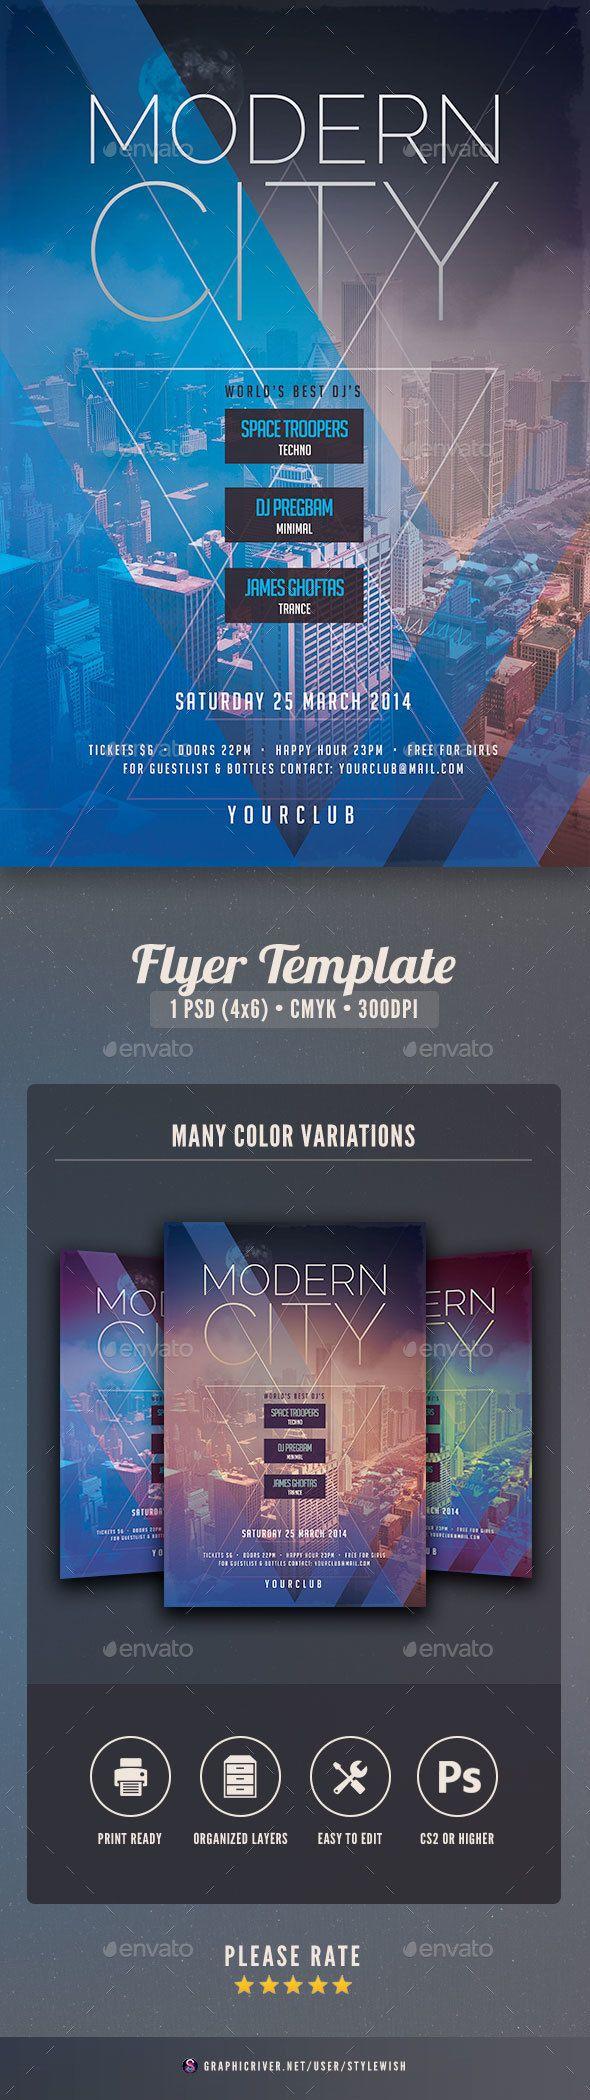 Poster design ks2 - Modern City Flyer